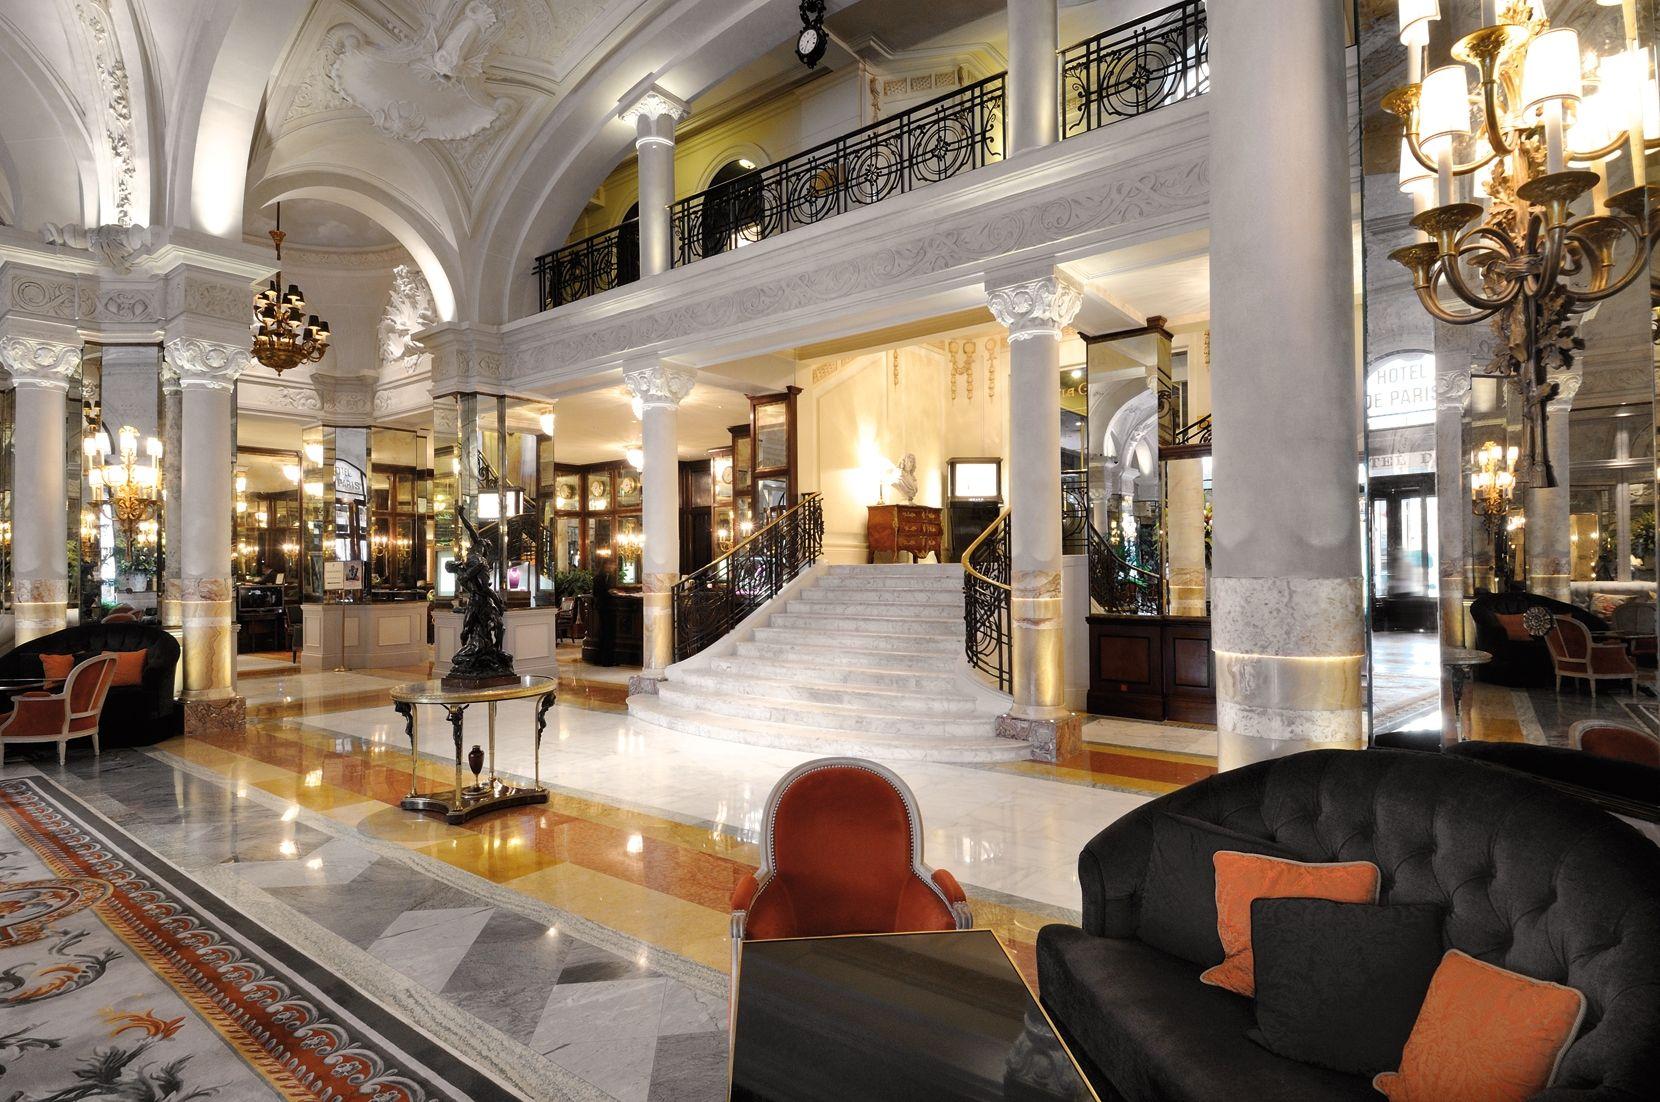 Tel De Paris Monte-carlo Hall Palace Hotel Macau